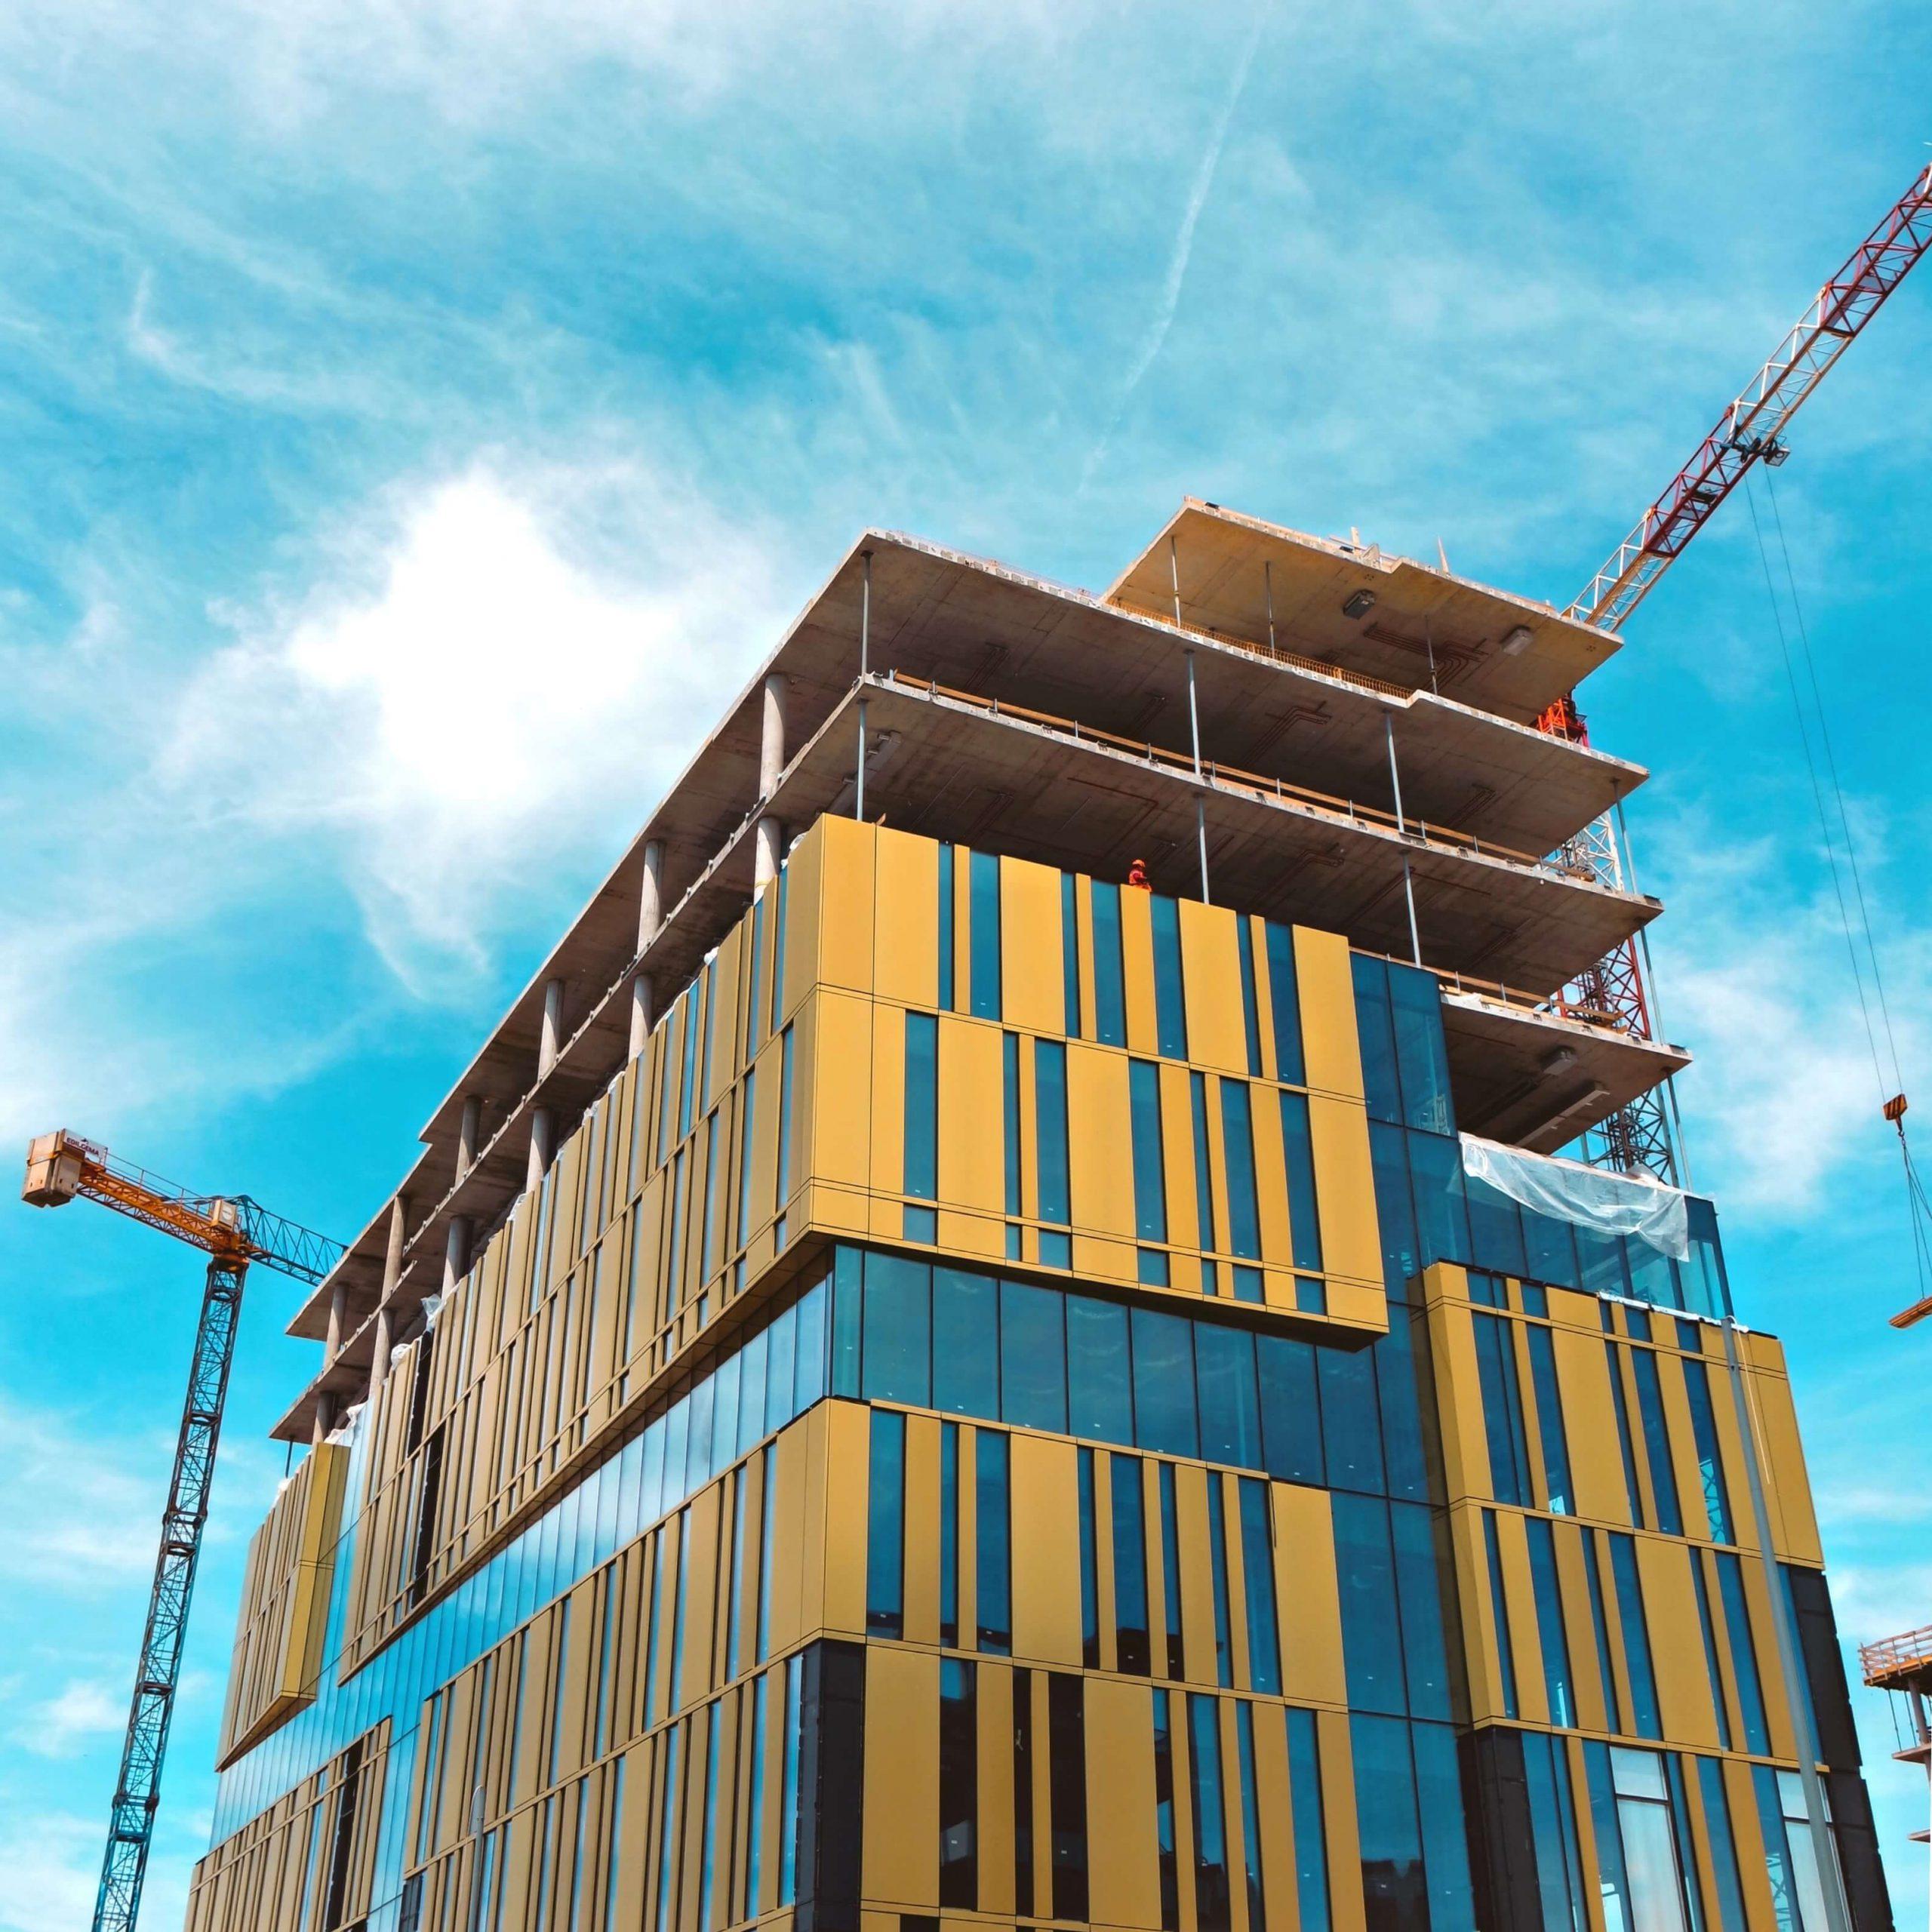 Bau neuer Mietwohnungen kann Steuervorteile bringen